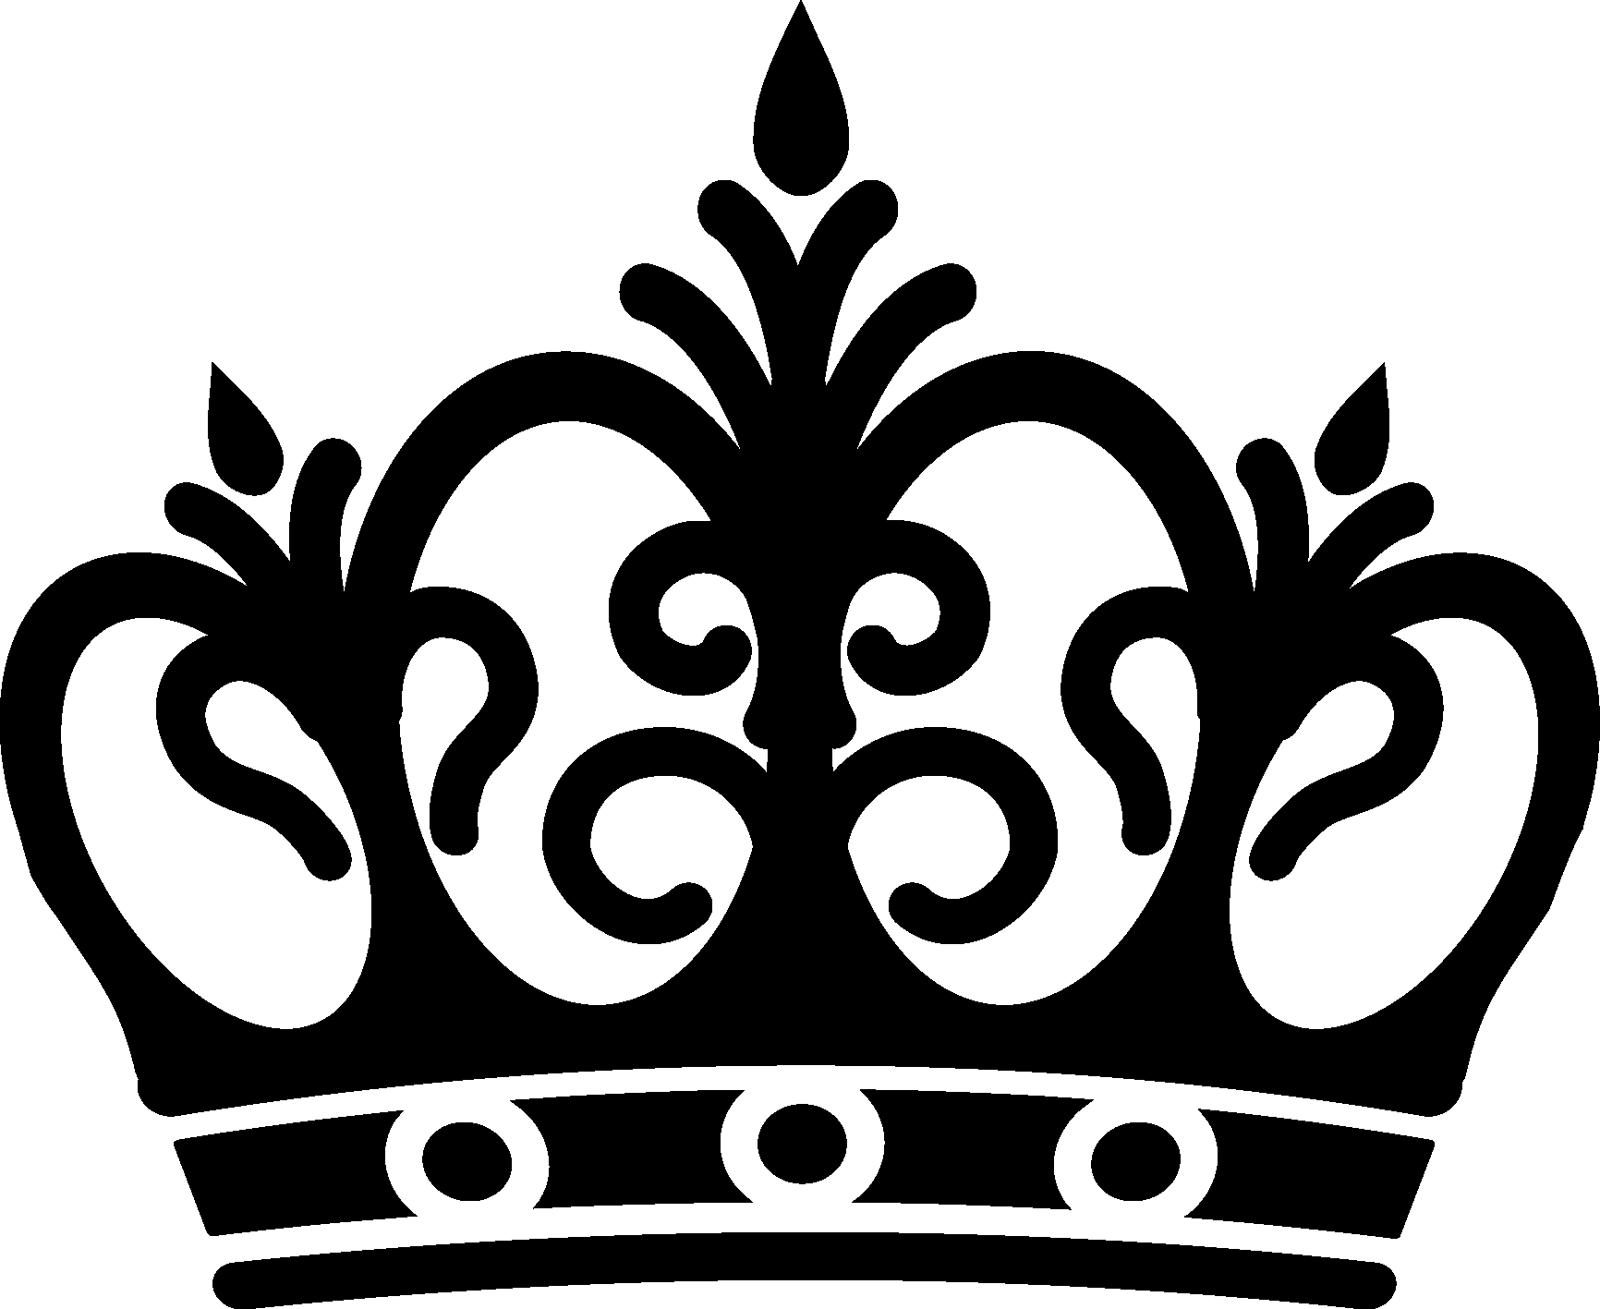 Queen Crown Clipart & Queen Crown Clip Art Images.